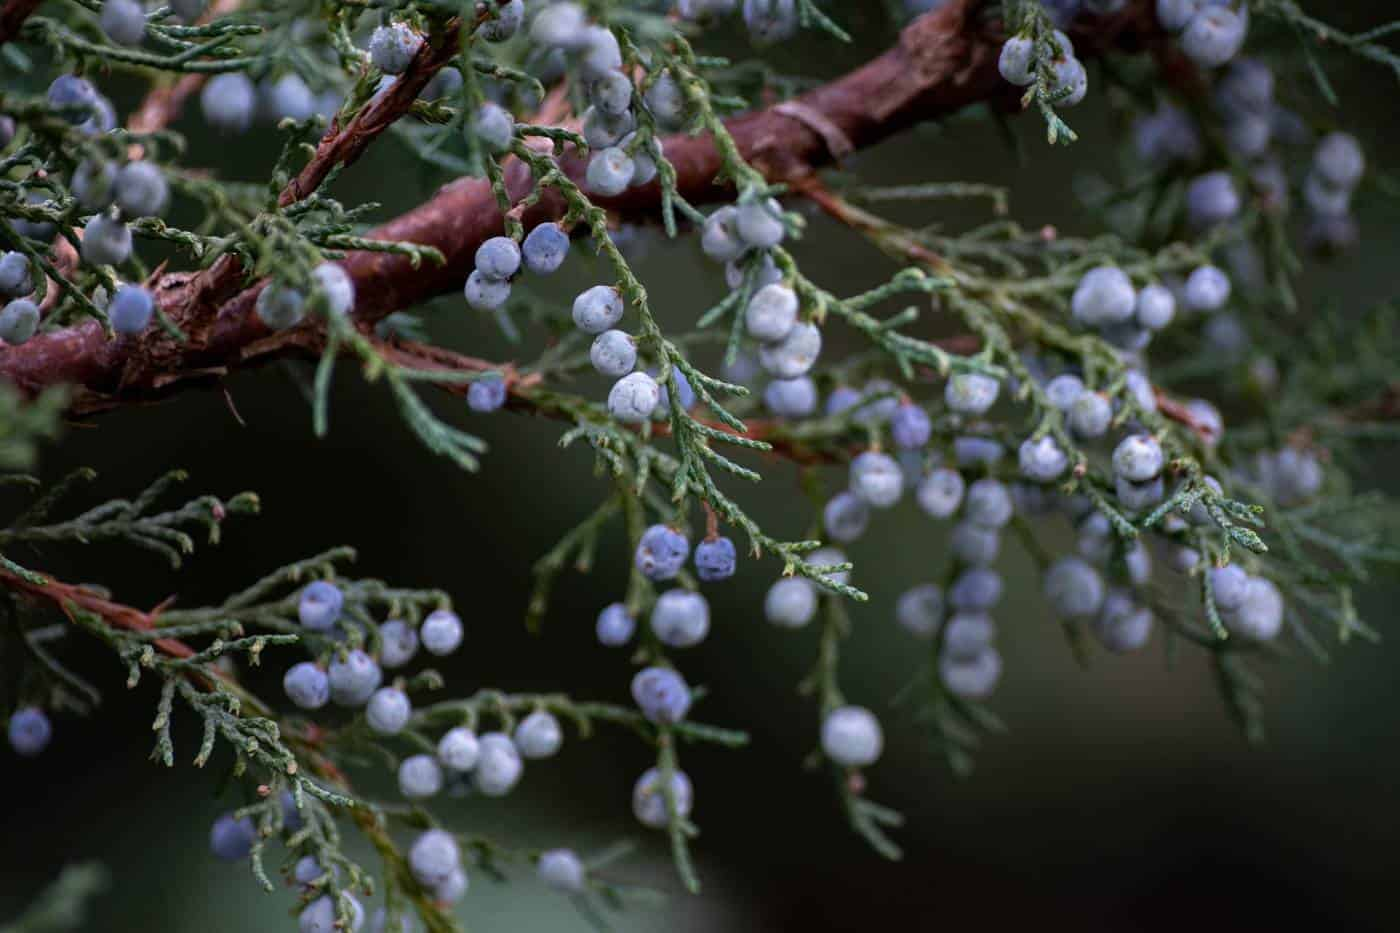 juniper berries on branch